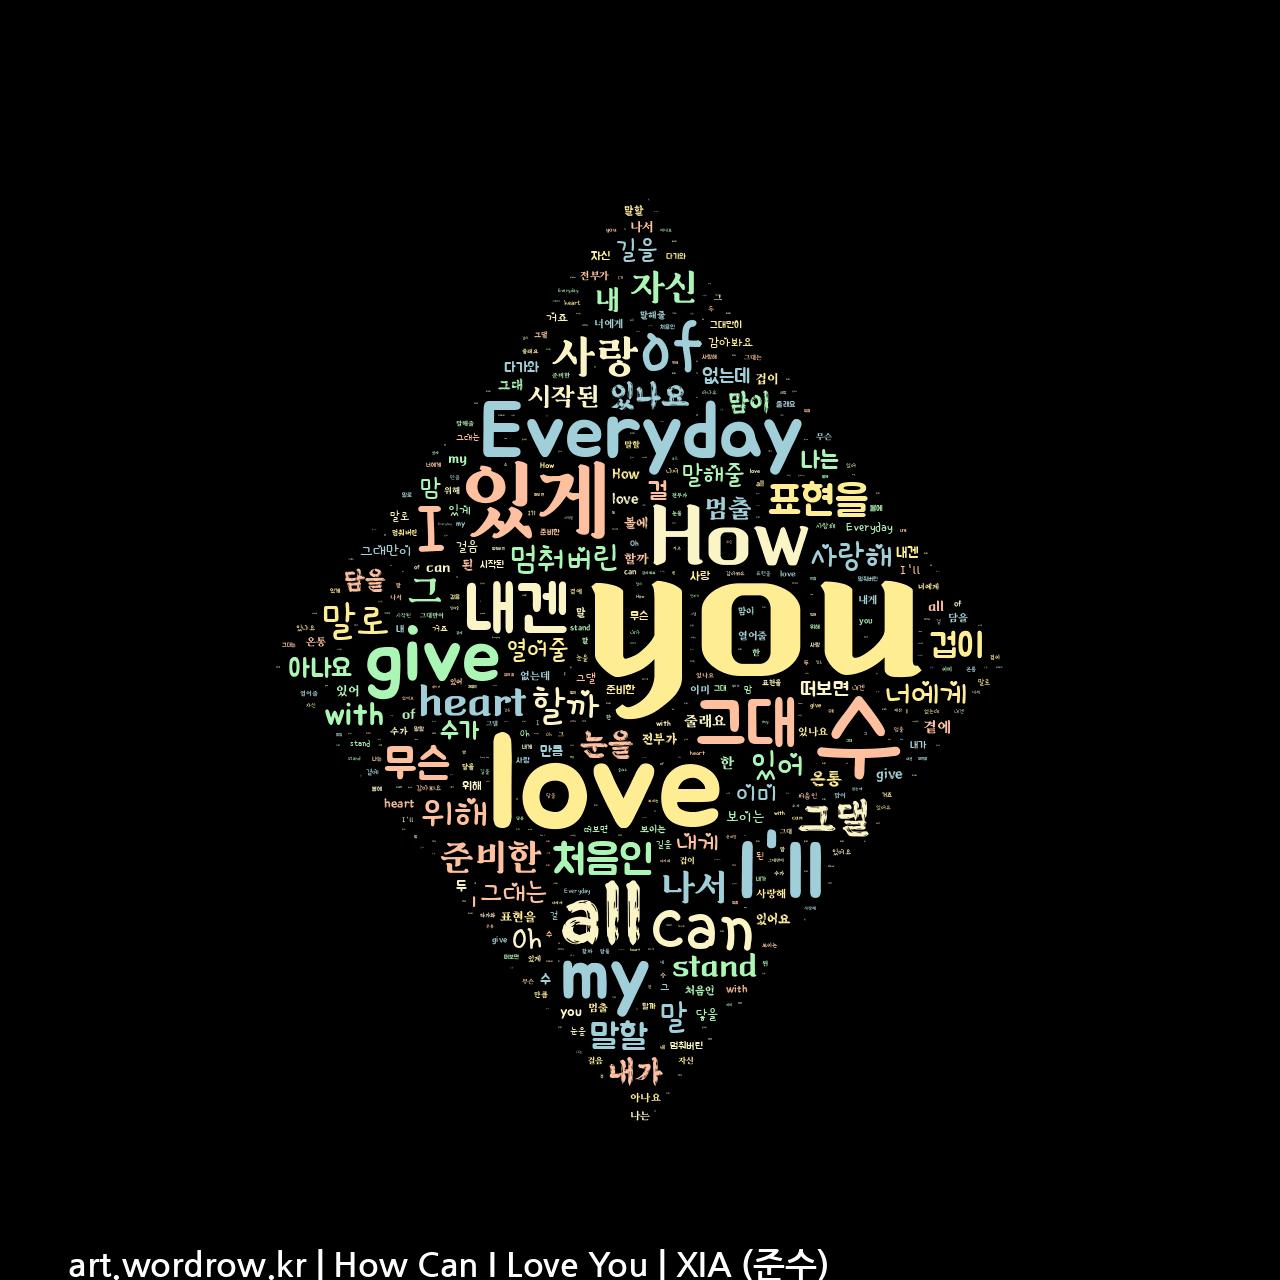 워드 클라우드: How Can I Love You [XIA (준수)]-43